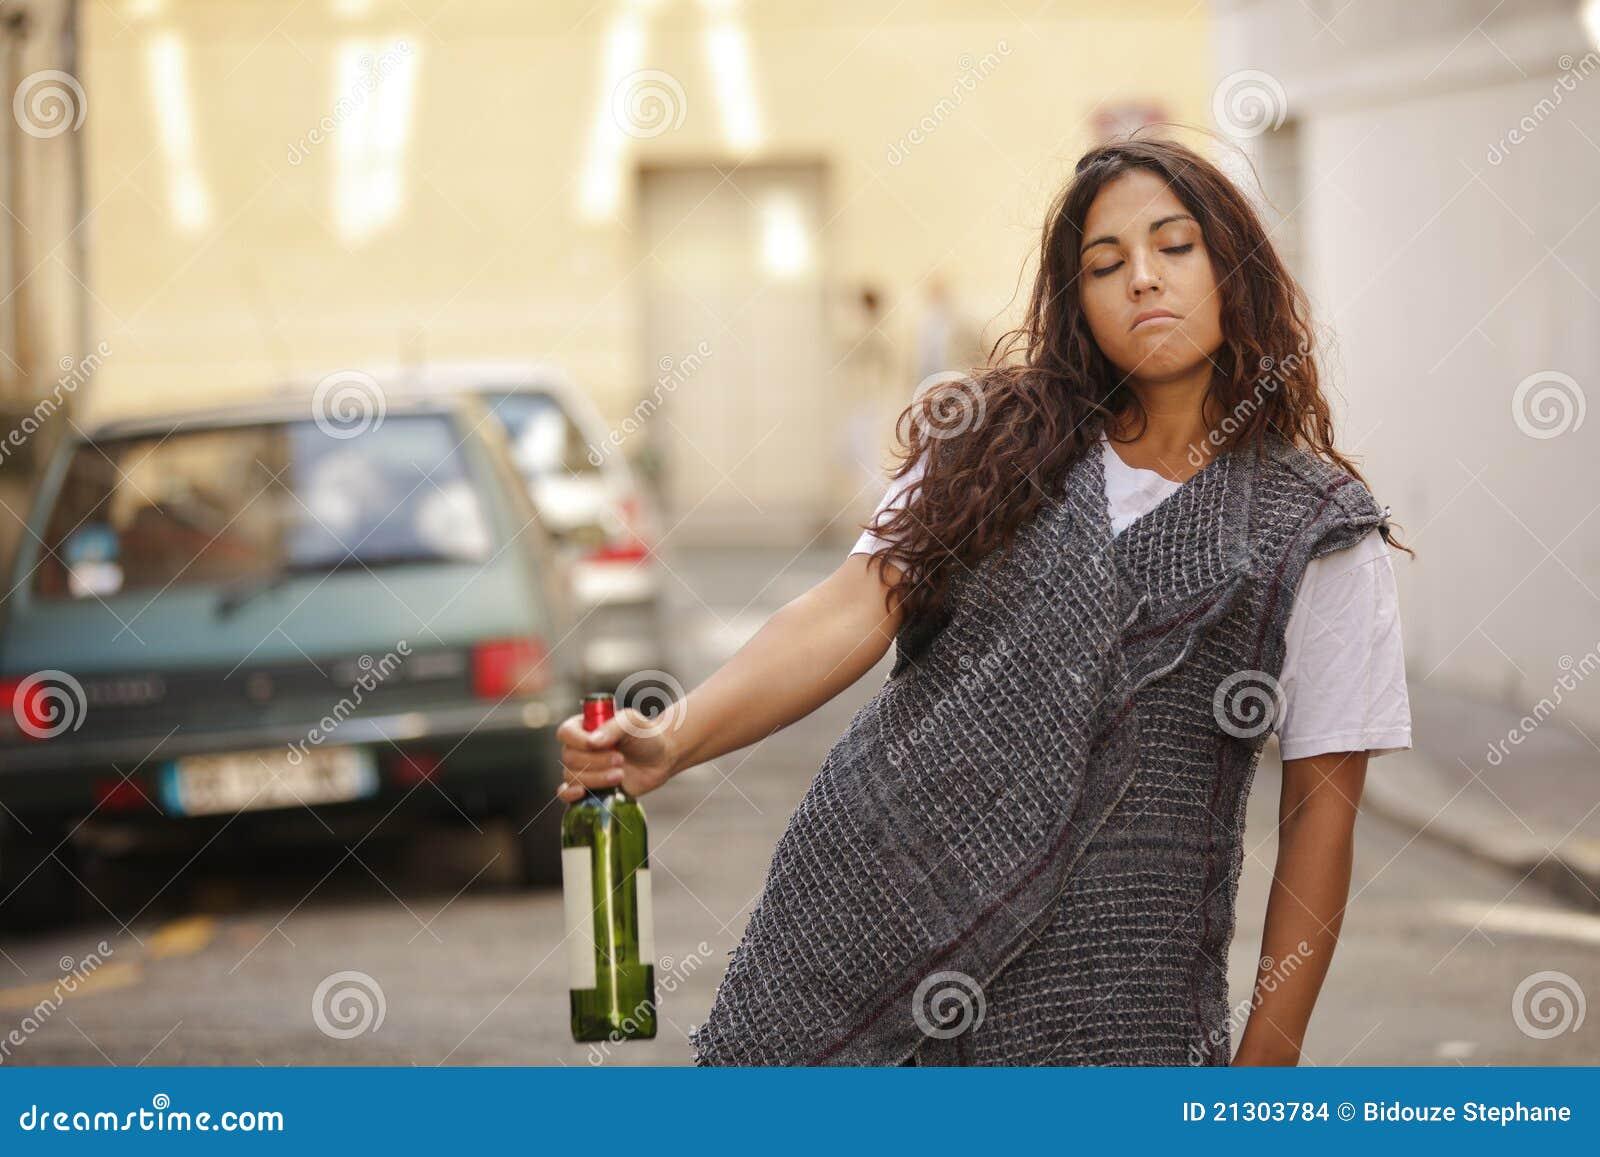 Dronken meisje in straat